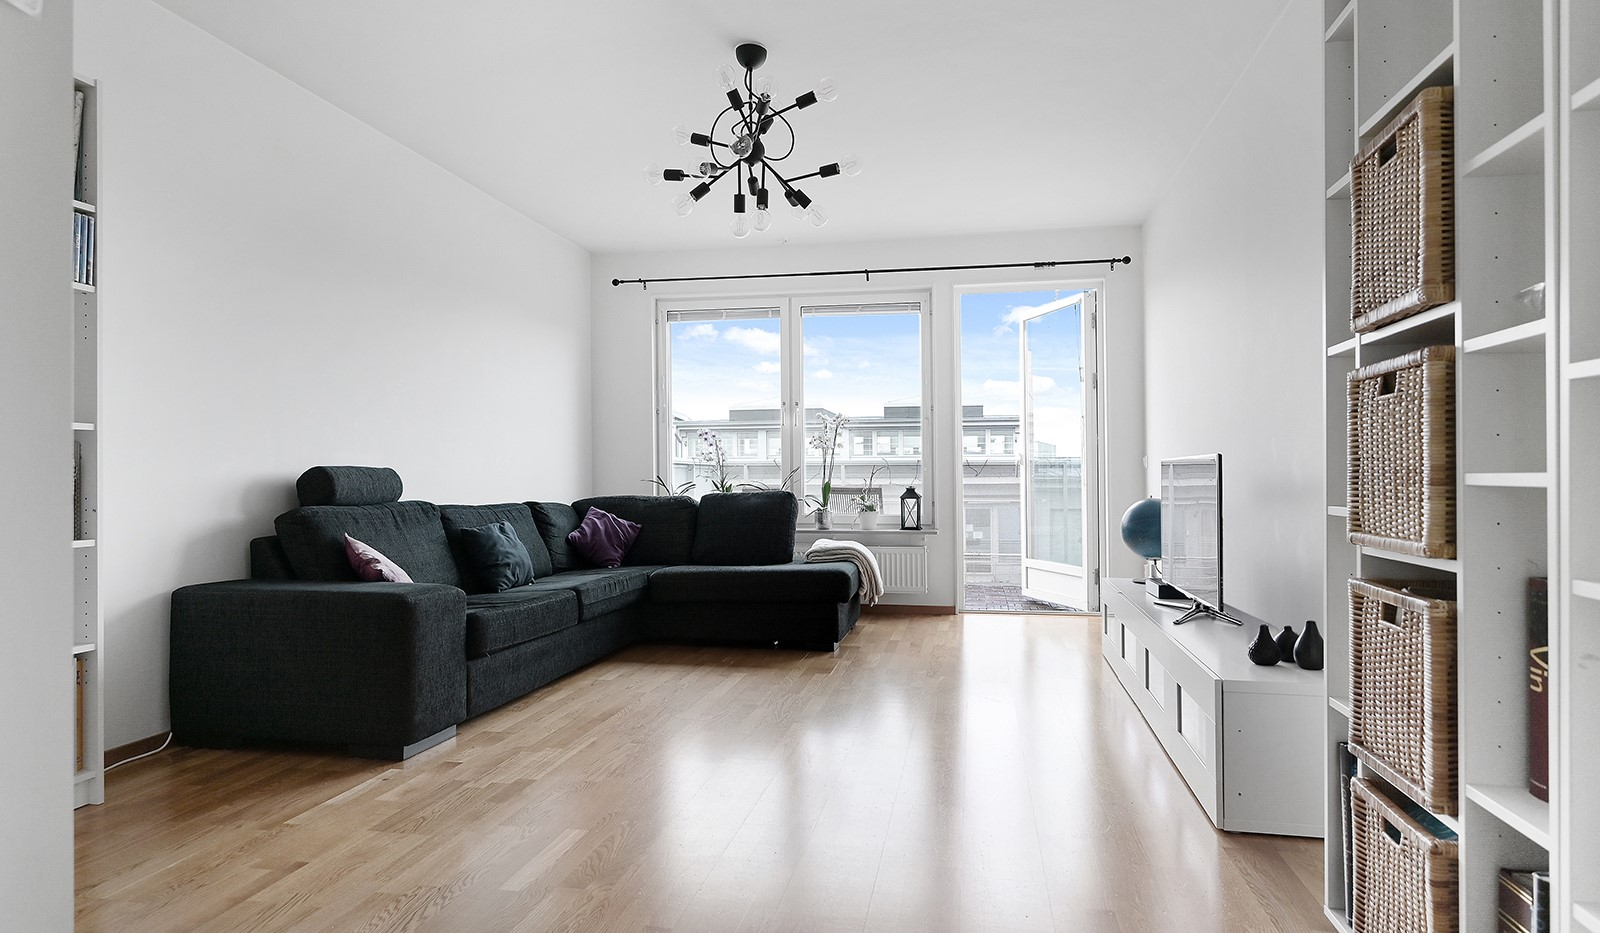 Marieviksgatan 40, 7 tr - Lättmöblerat rymligt vardagsrum med ett härligt ljusinsläpp från ett brett fönsterparti.